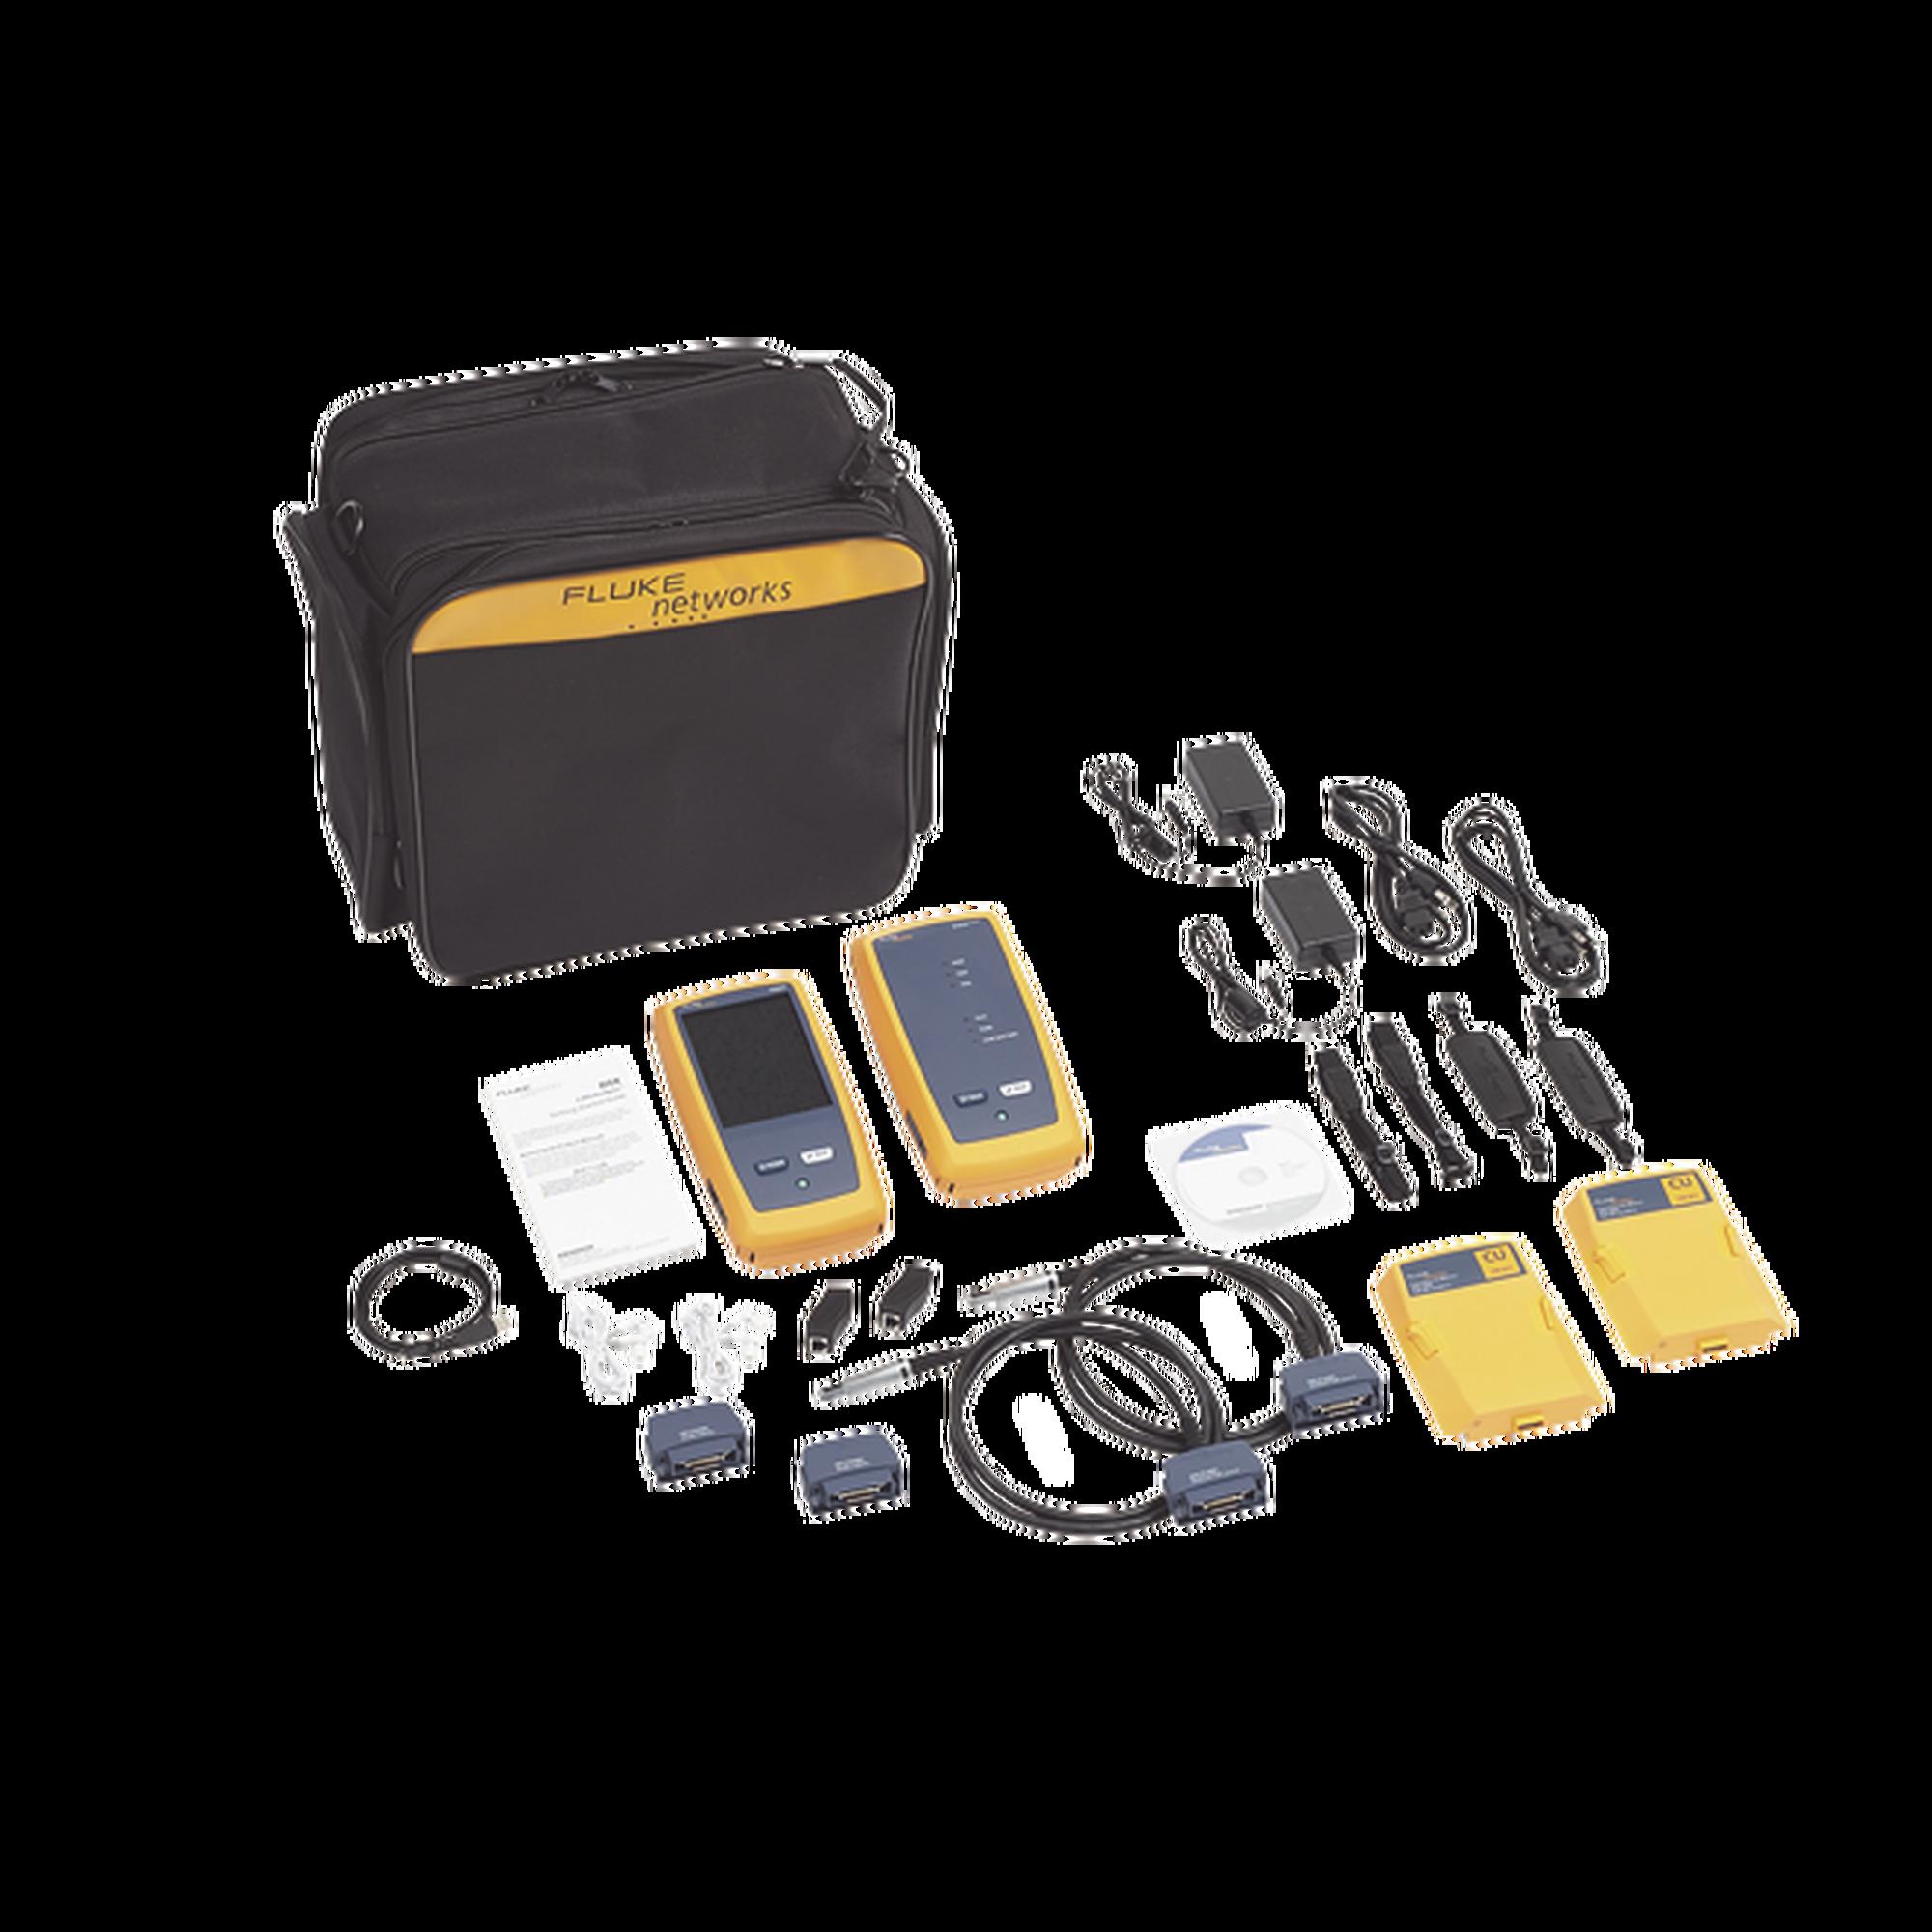 Certificador DSX-5000 para Cable de Cobre Cat5e, Cat6 y Cat6A, Precisión de Nivel V (1 GHz), Con WiFi Integrado y Pantalla LCD de 5.7 in, Versión Internacional